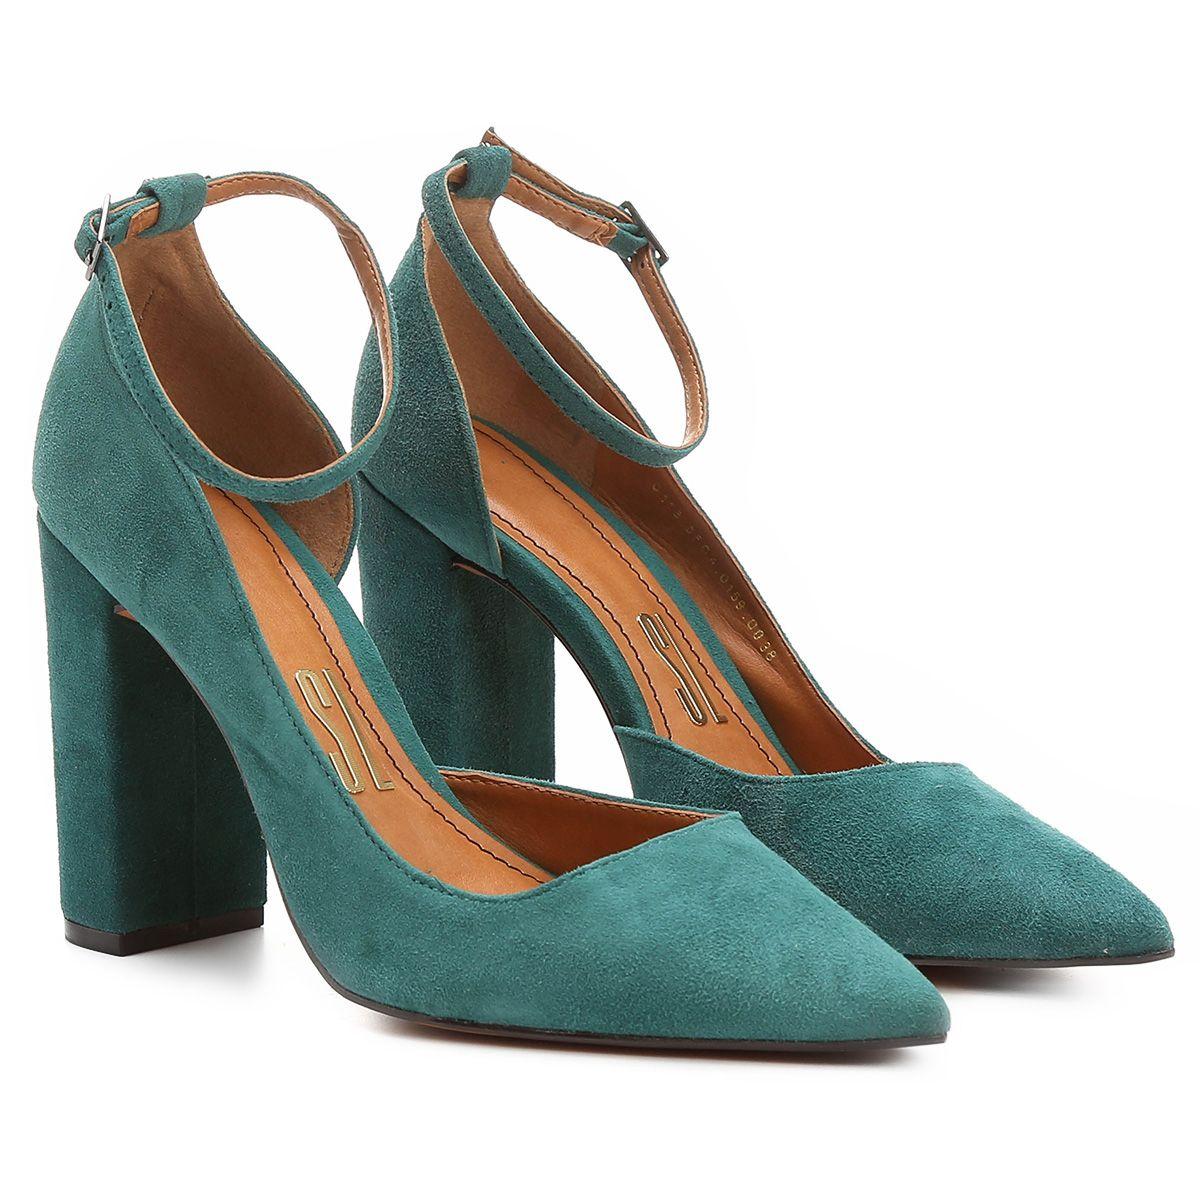 f11eff59e Compre Scarpin Santa Lolla Salto Grosso Pulseira Preto na Zattini a nova  loja de moda online